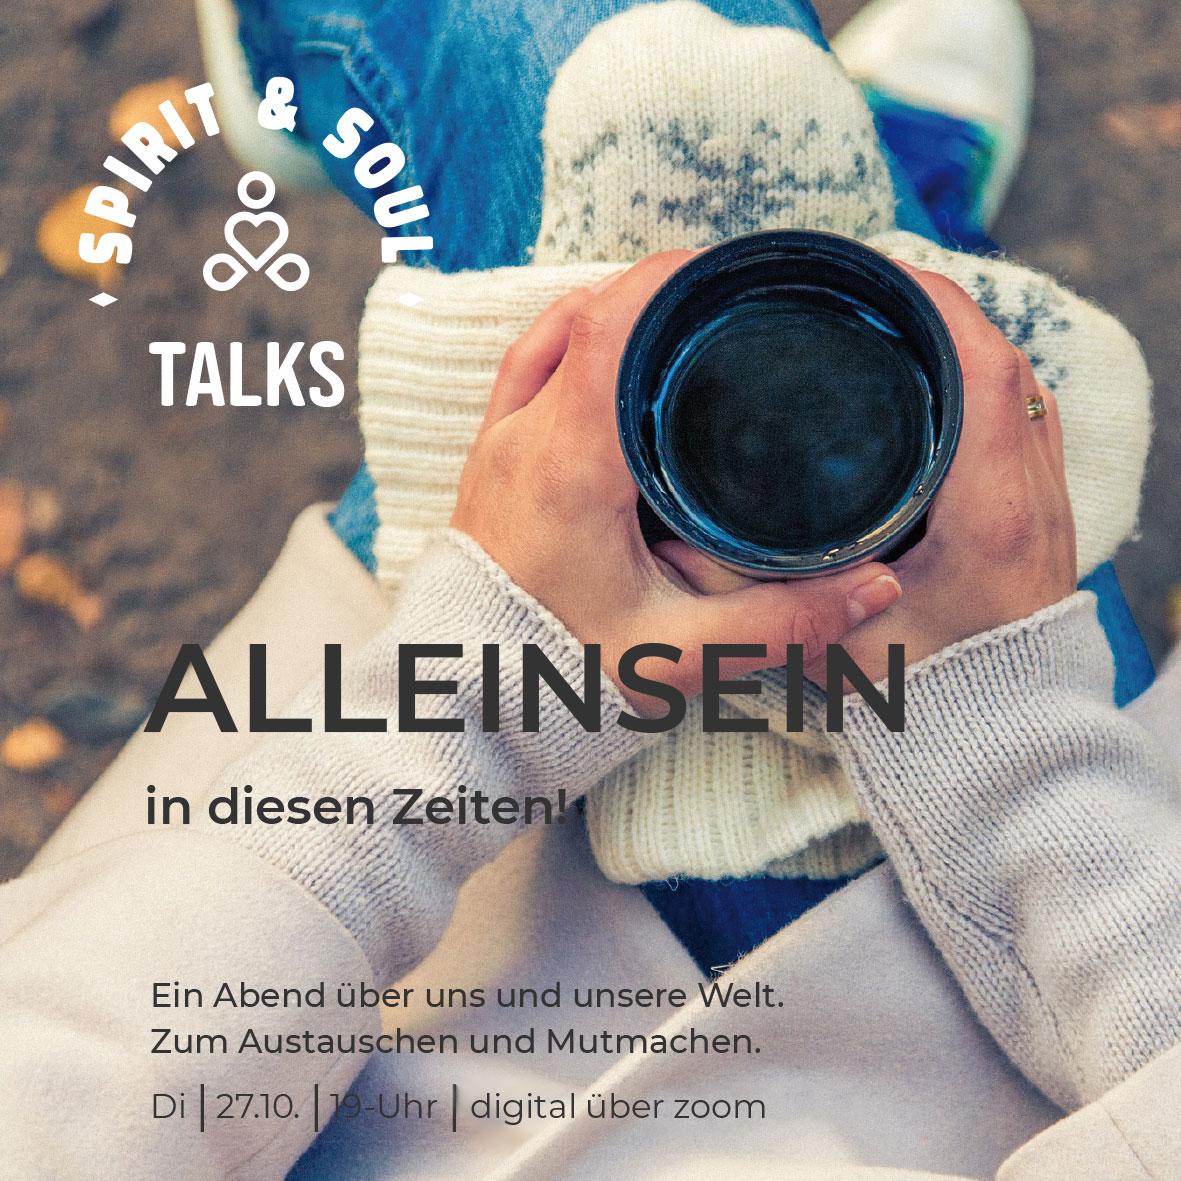 200929_S&S_Talks_Alleinesein